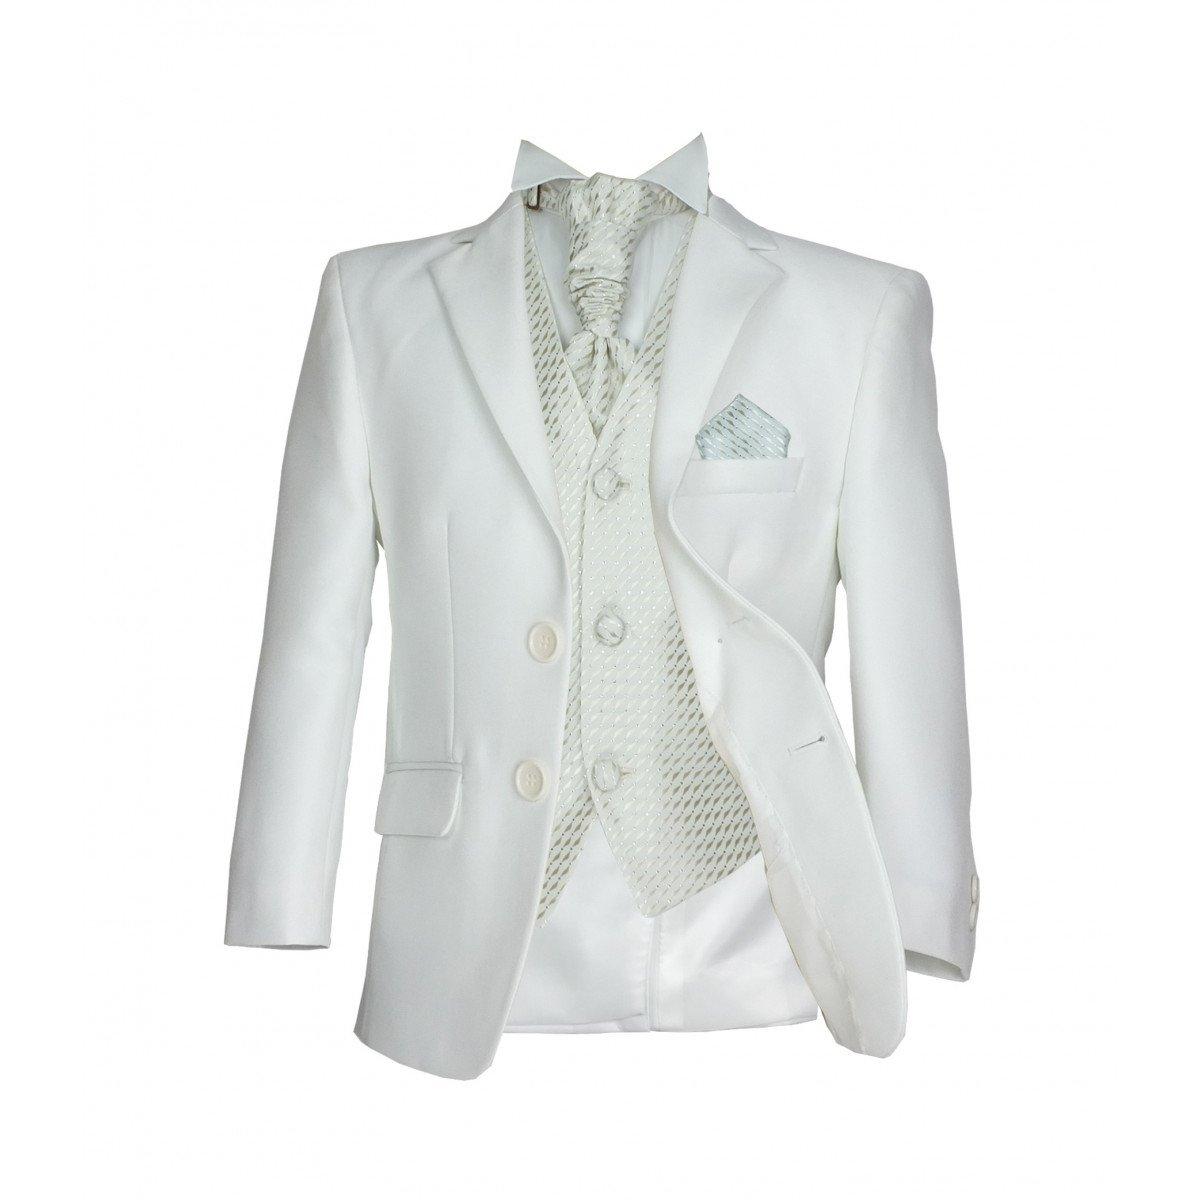 SIRRI - Completo formale da cerimonia per paggetto, adatto per matrimoni e balli studenteschi, 5 pezzi, con cravatta di colore bianco avorio